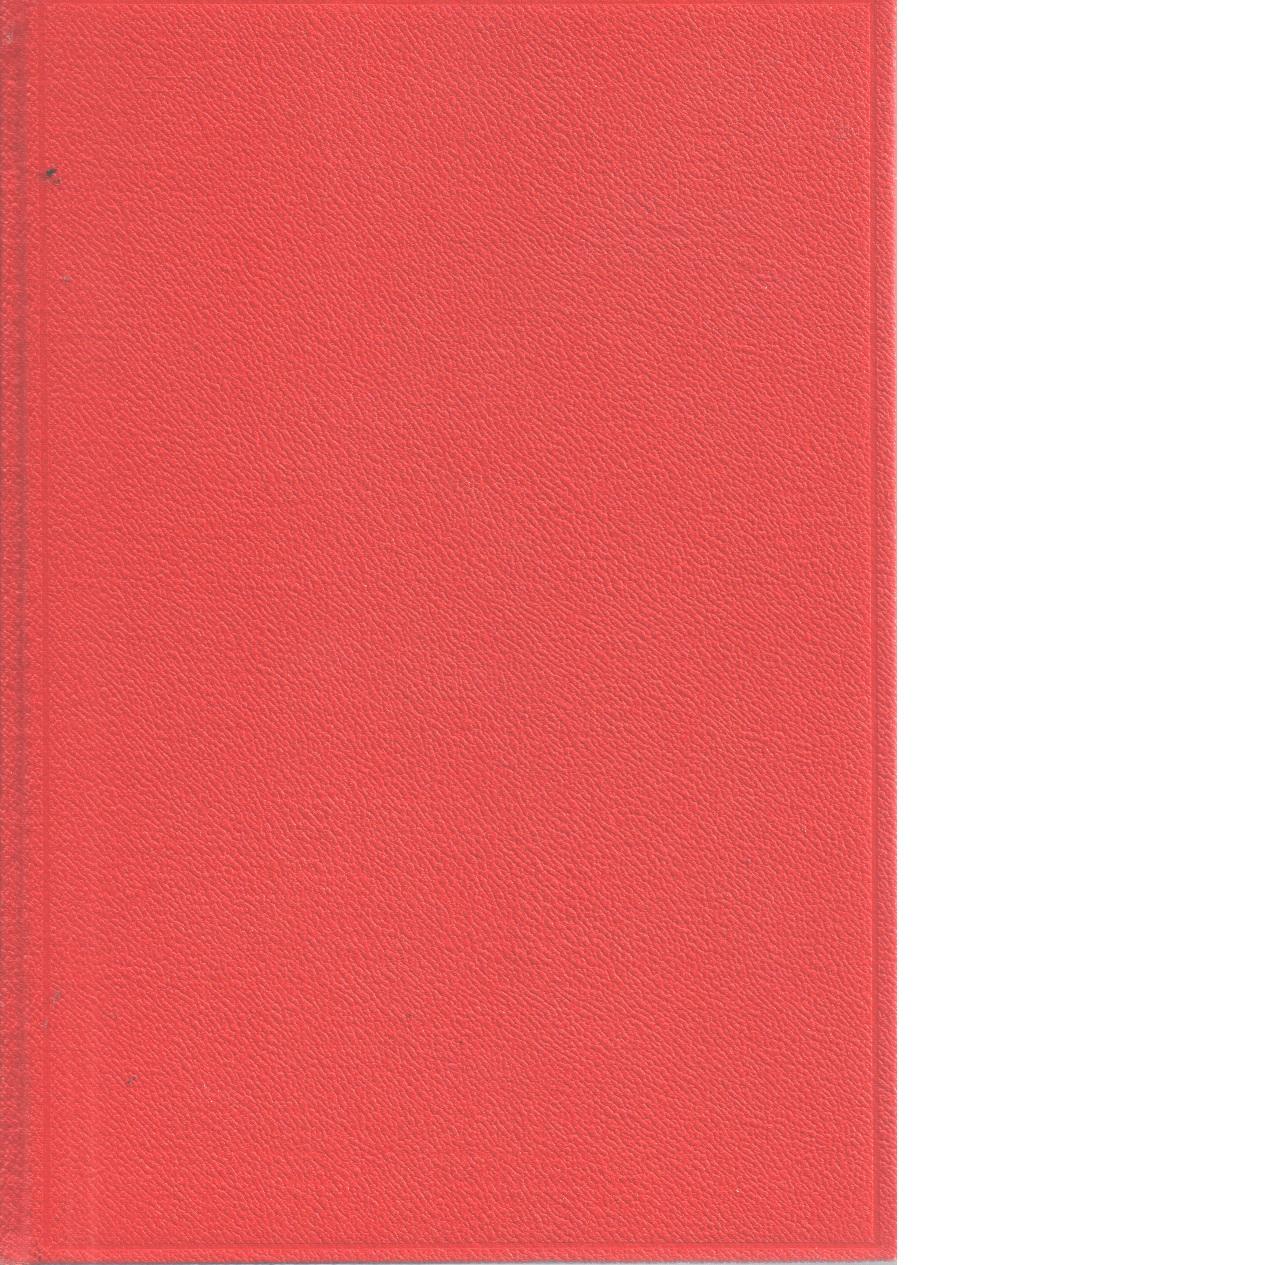 Teknik och hobby Bd 4 M-R - Red.